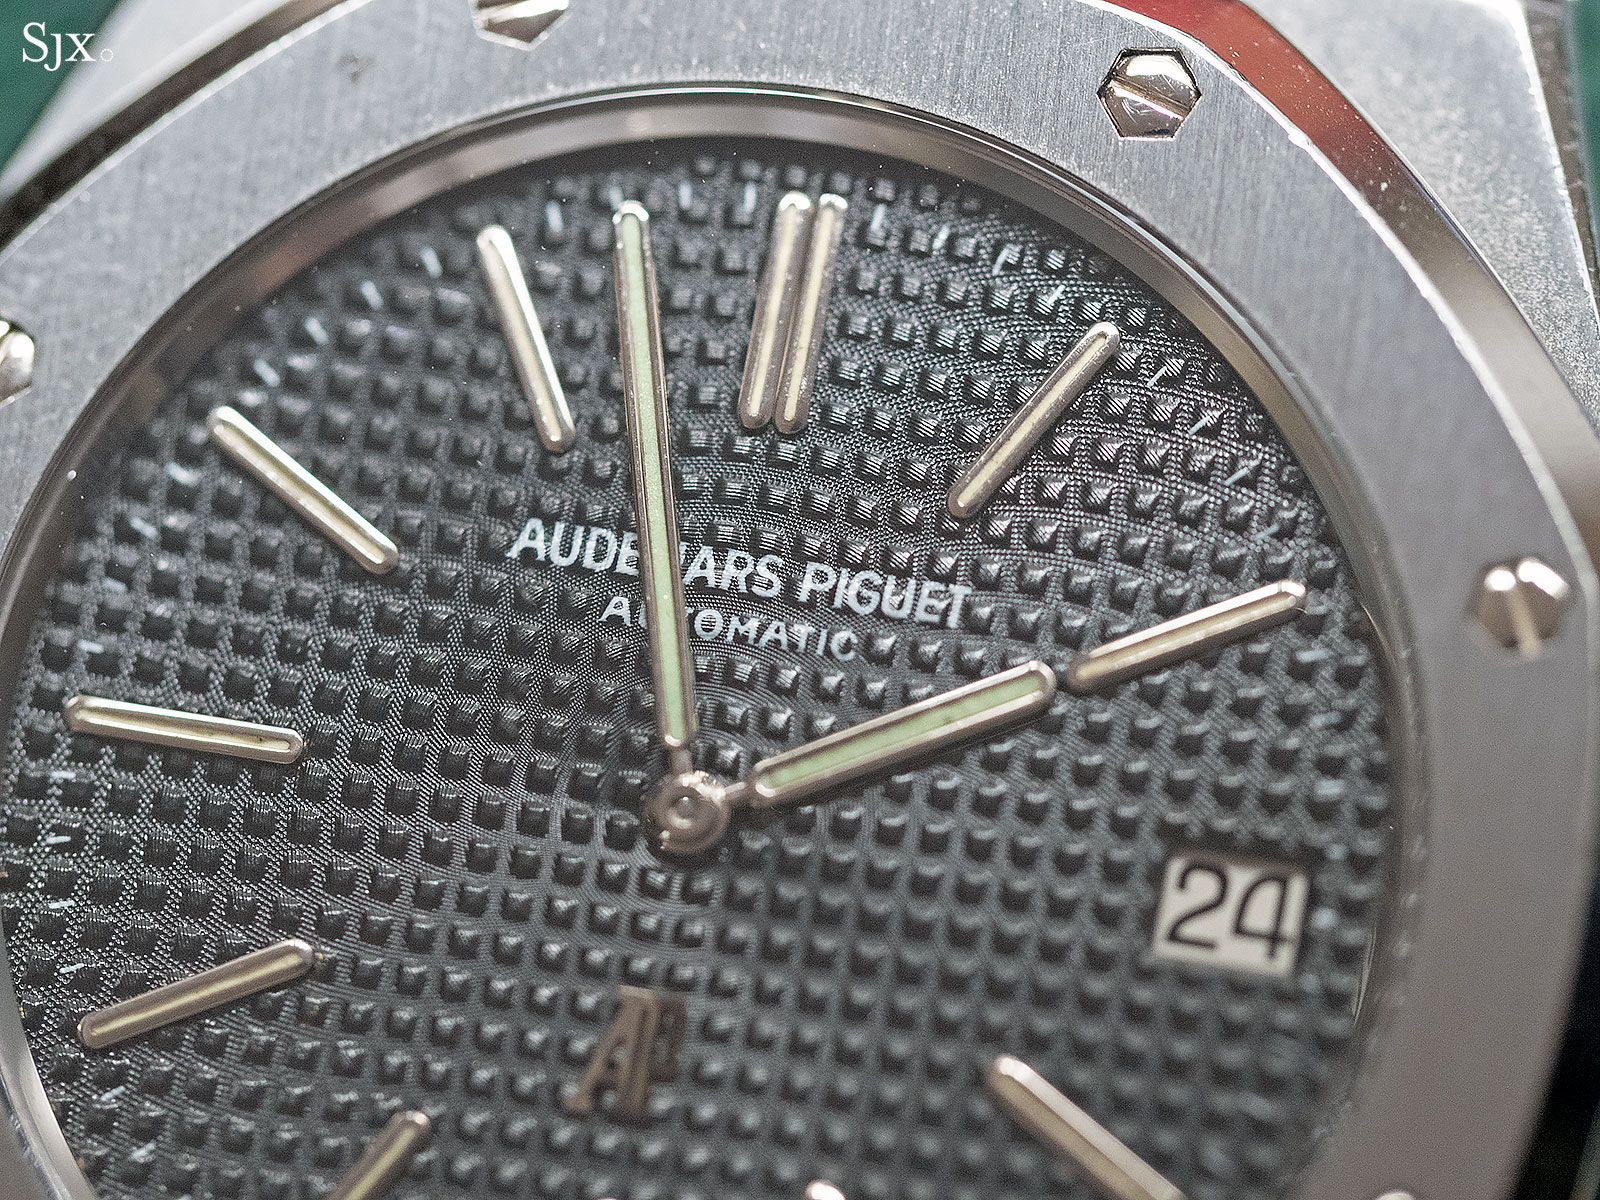 Audemars Piguet Royal Oak A-Series comparison 5